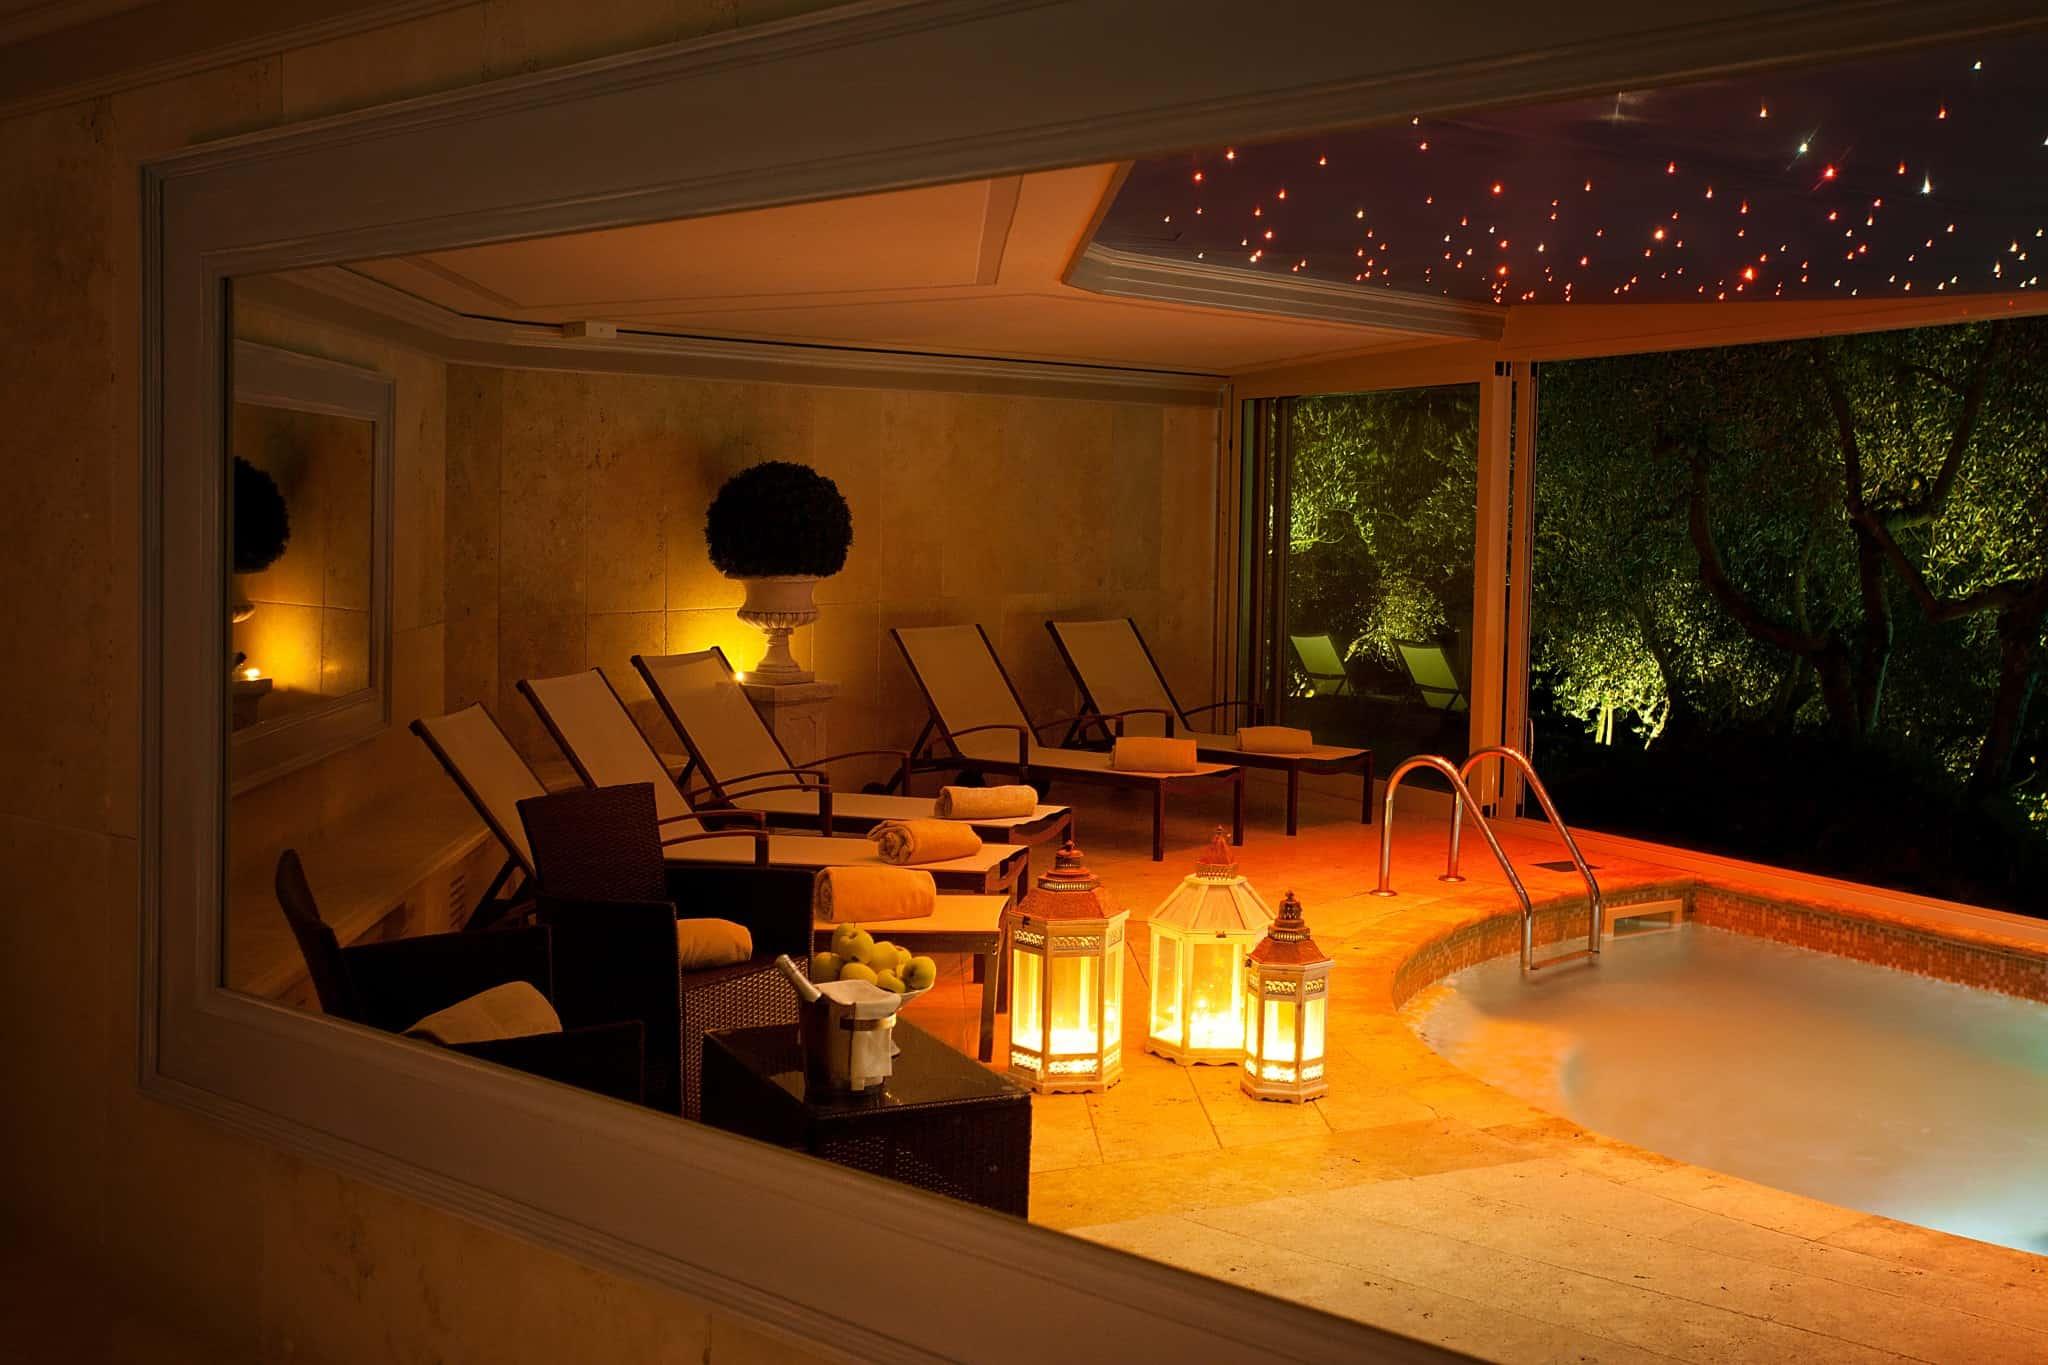 Centro Benessere in Toscana : Hotel Benessere e Spa nel Chianti fra ...